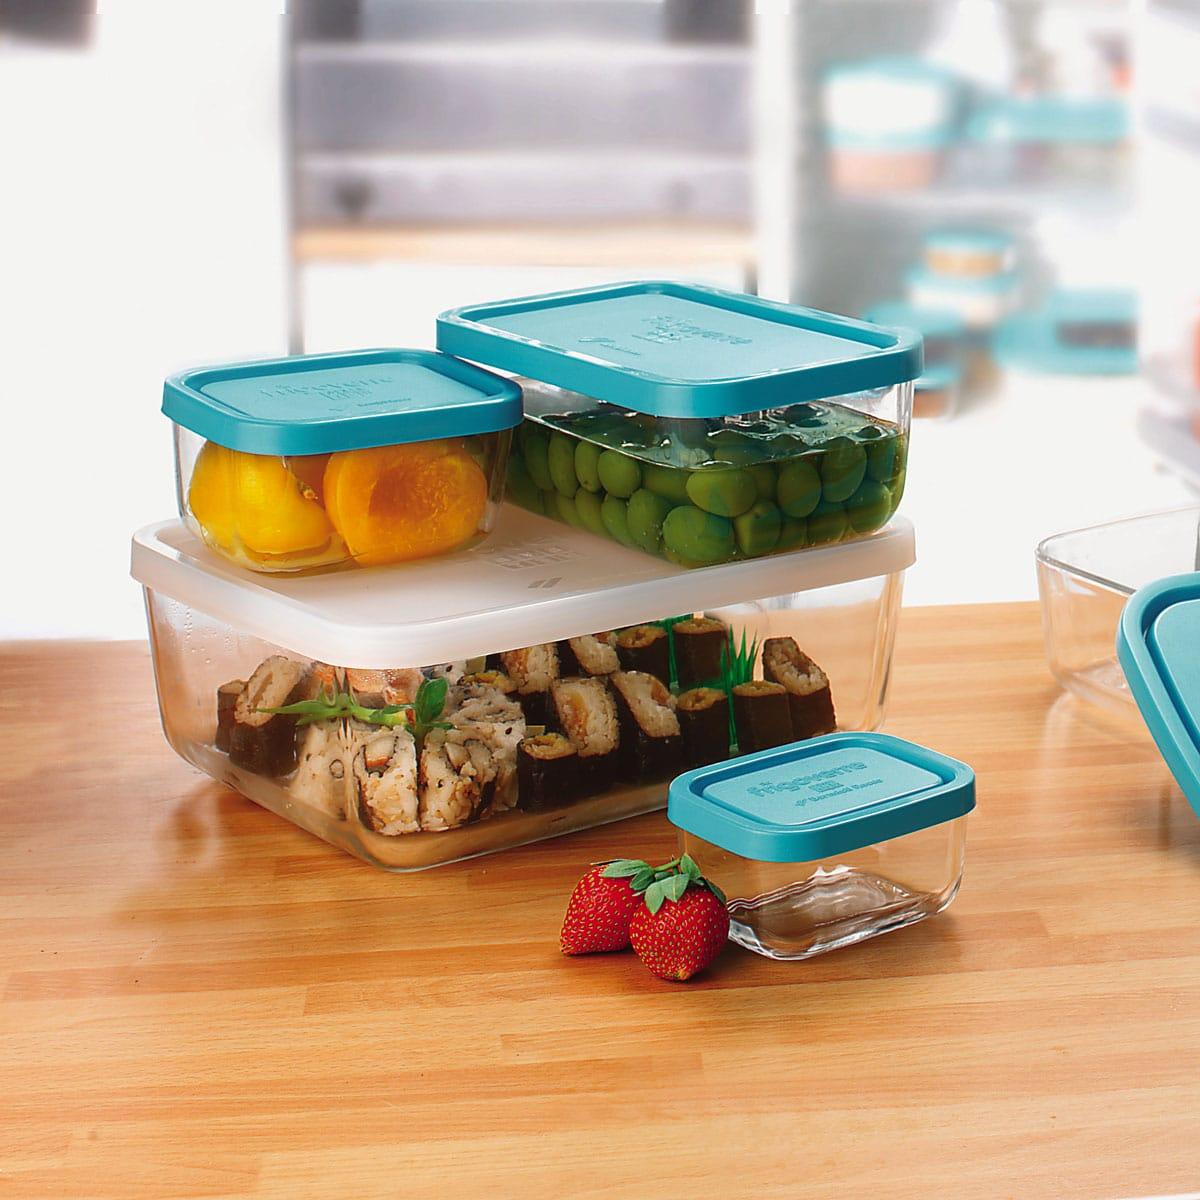 Hộp thủy tinh Frigoverre - Giải pháp cất trữ thực phẩm trong tủ lạnh, tủ  đông | Sapakitchen